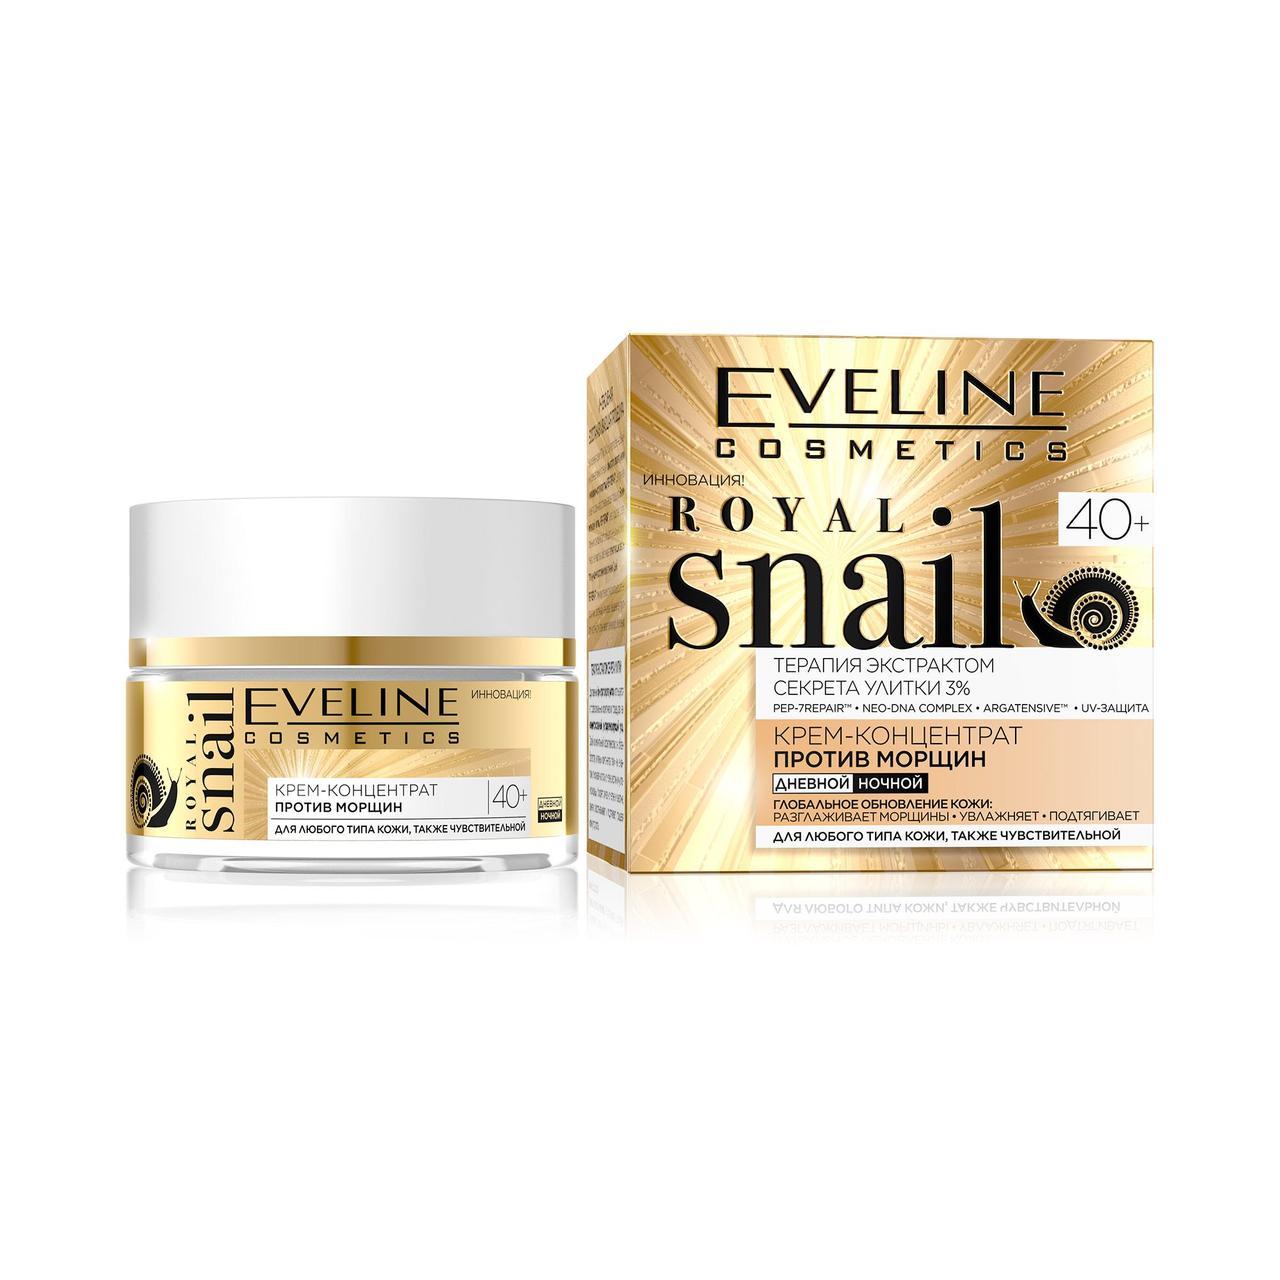 Крем концентрат против морщин Royal Snail 40 +, Eveline Cosmetics, 50 мл Эвелин